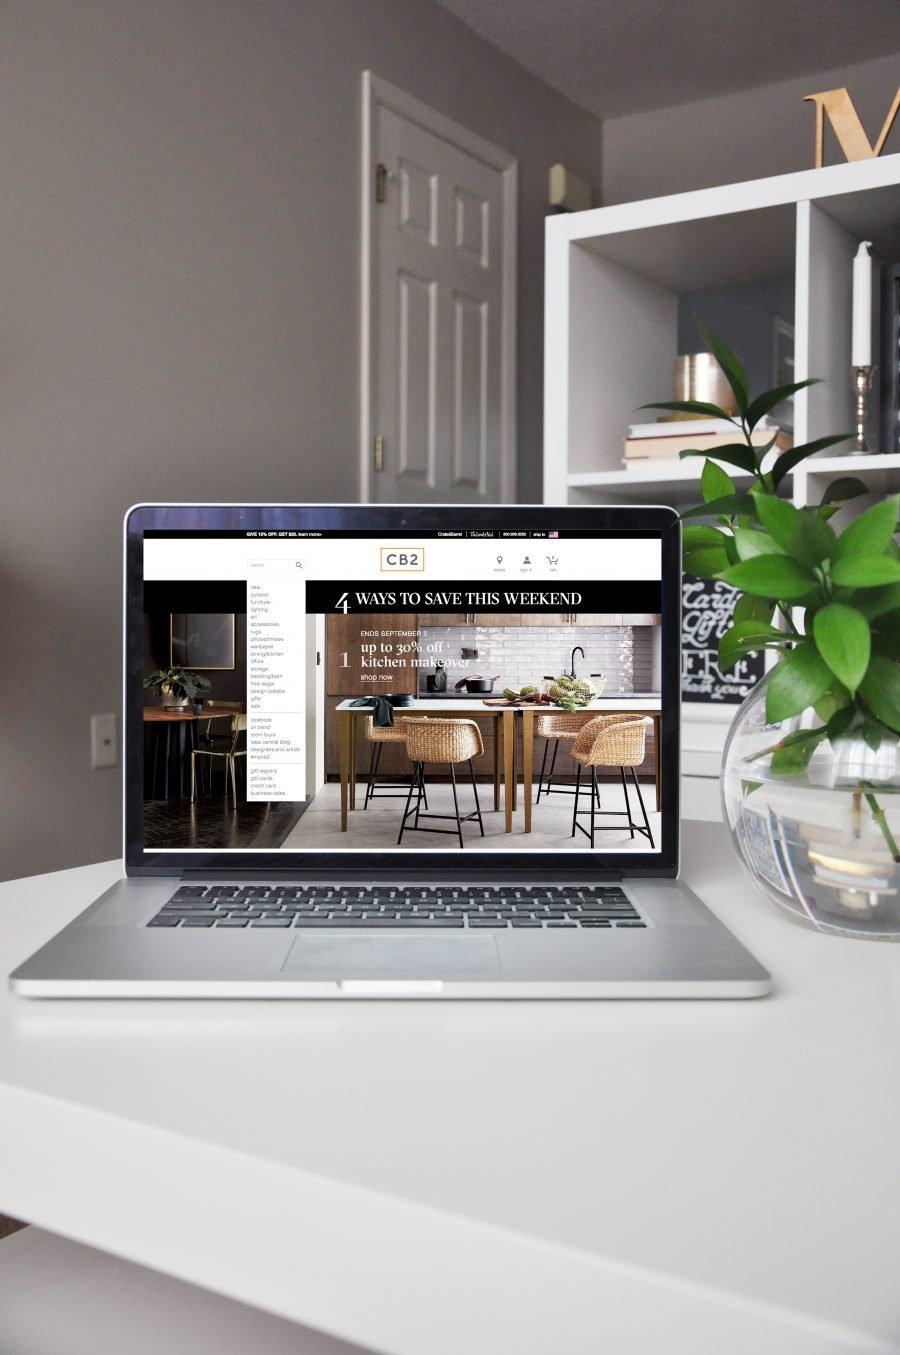 labor day sales furniture home decor. Black Bedroom Furniture Sets. Home Design Ideas